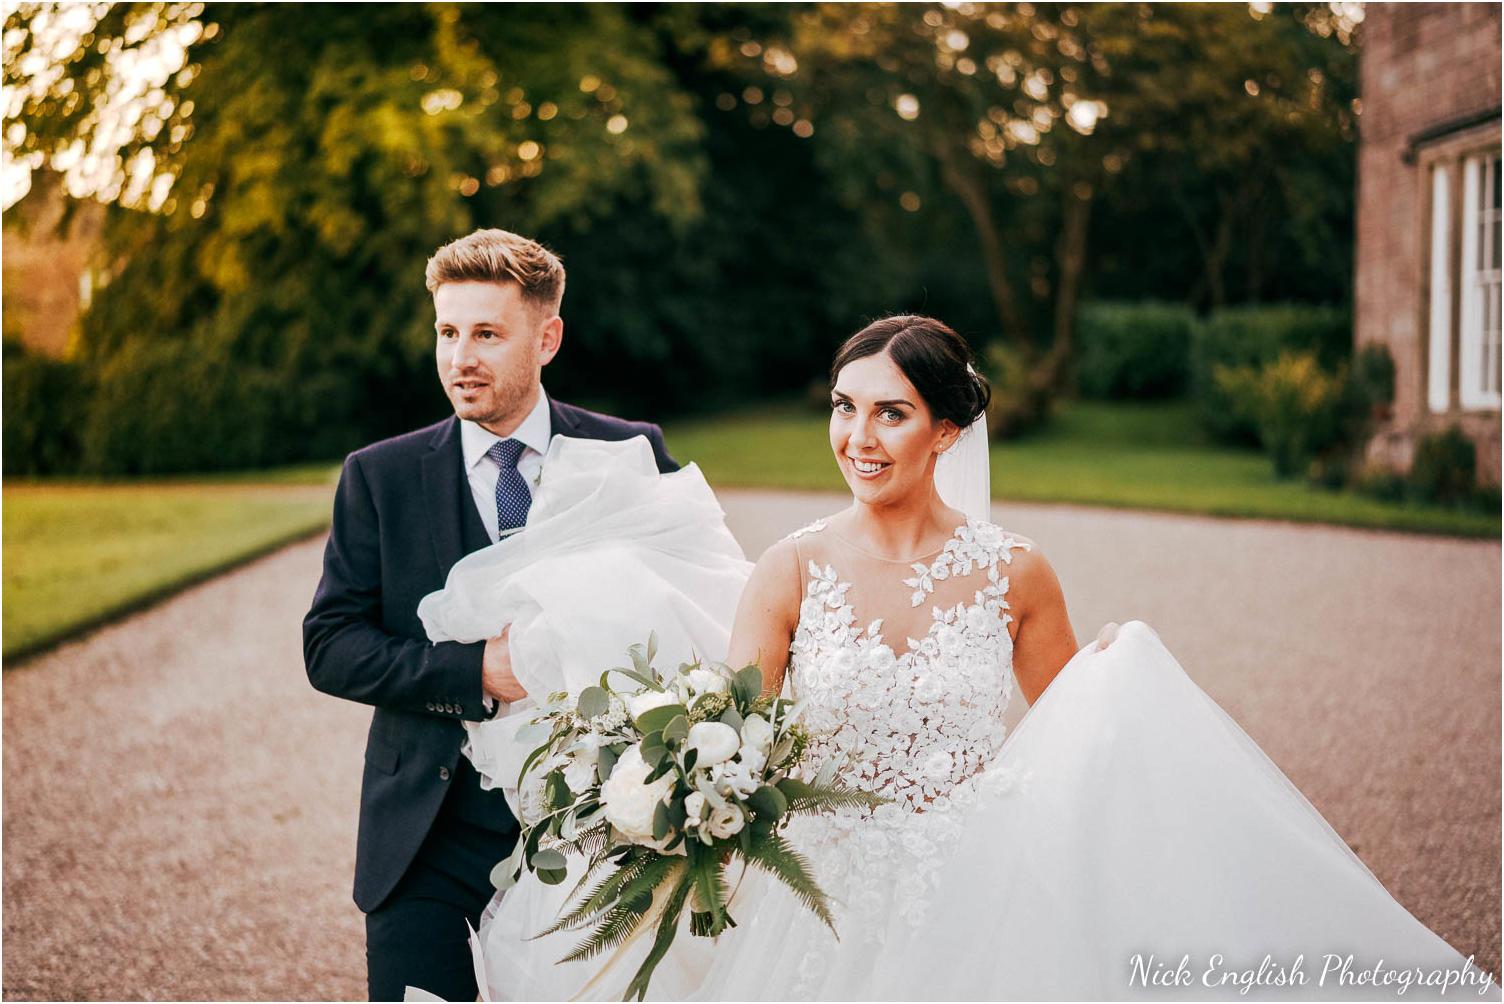 Browsholme_Hall_Barn_Wedding_Nick_English_Photography-162.jpg